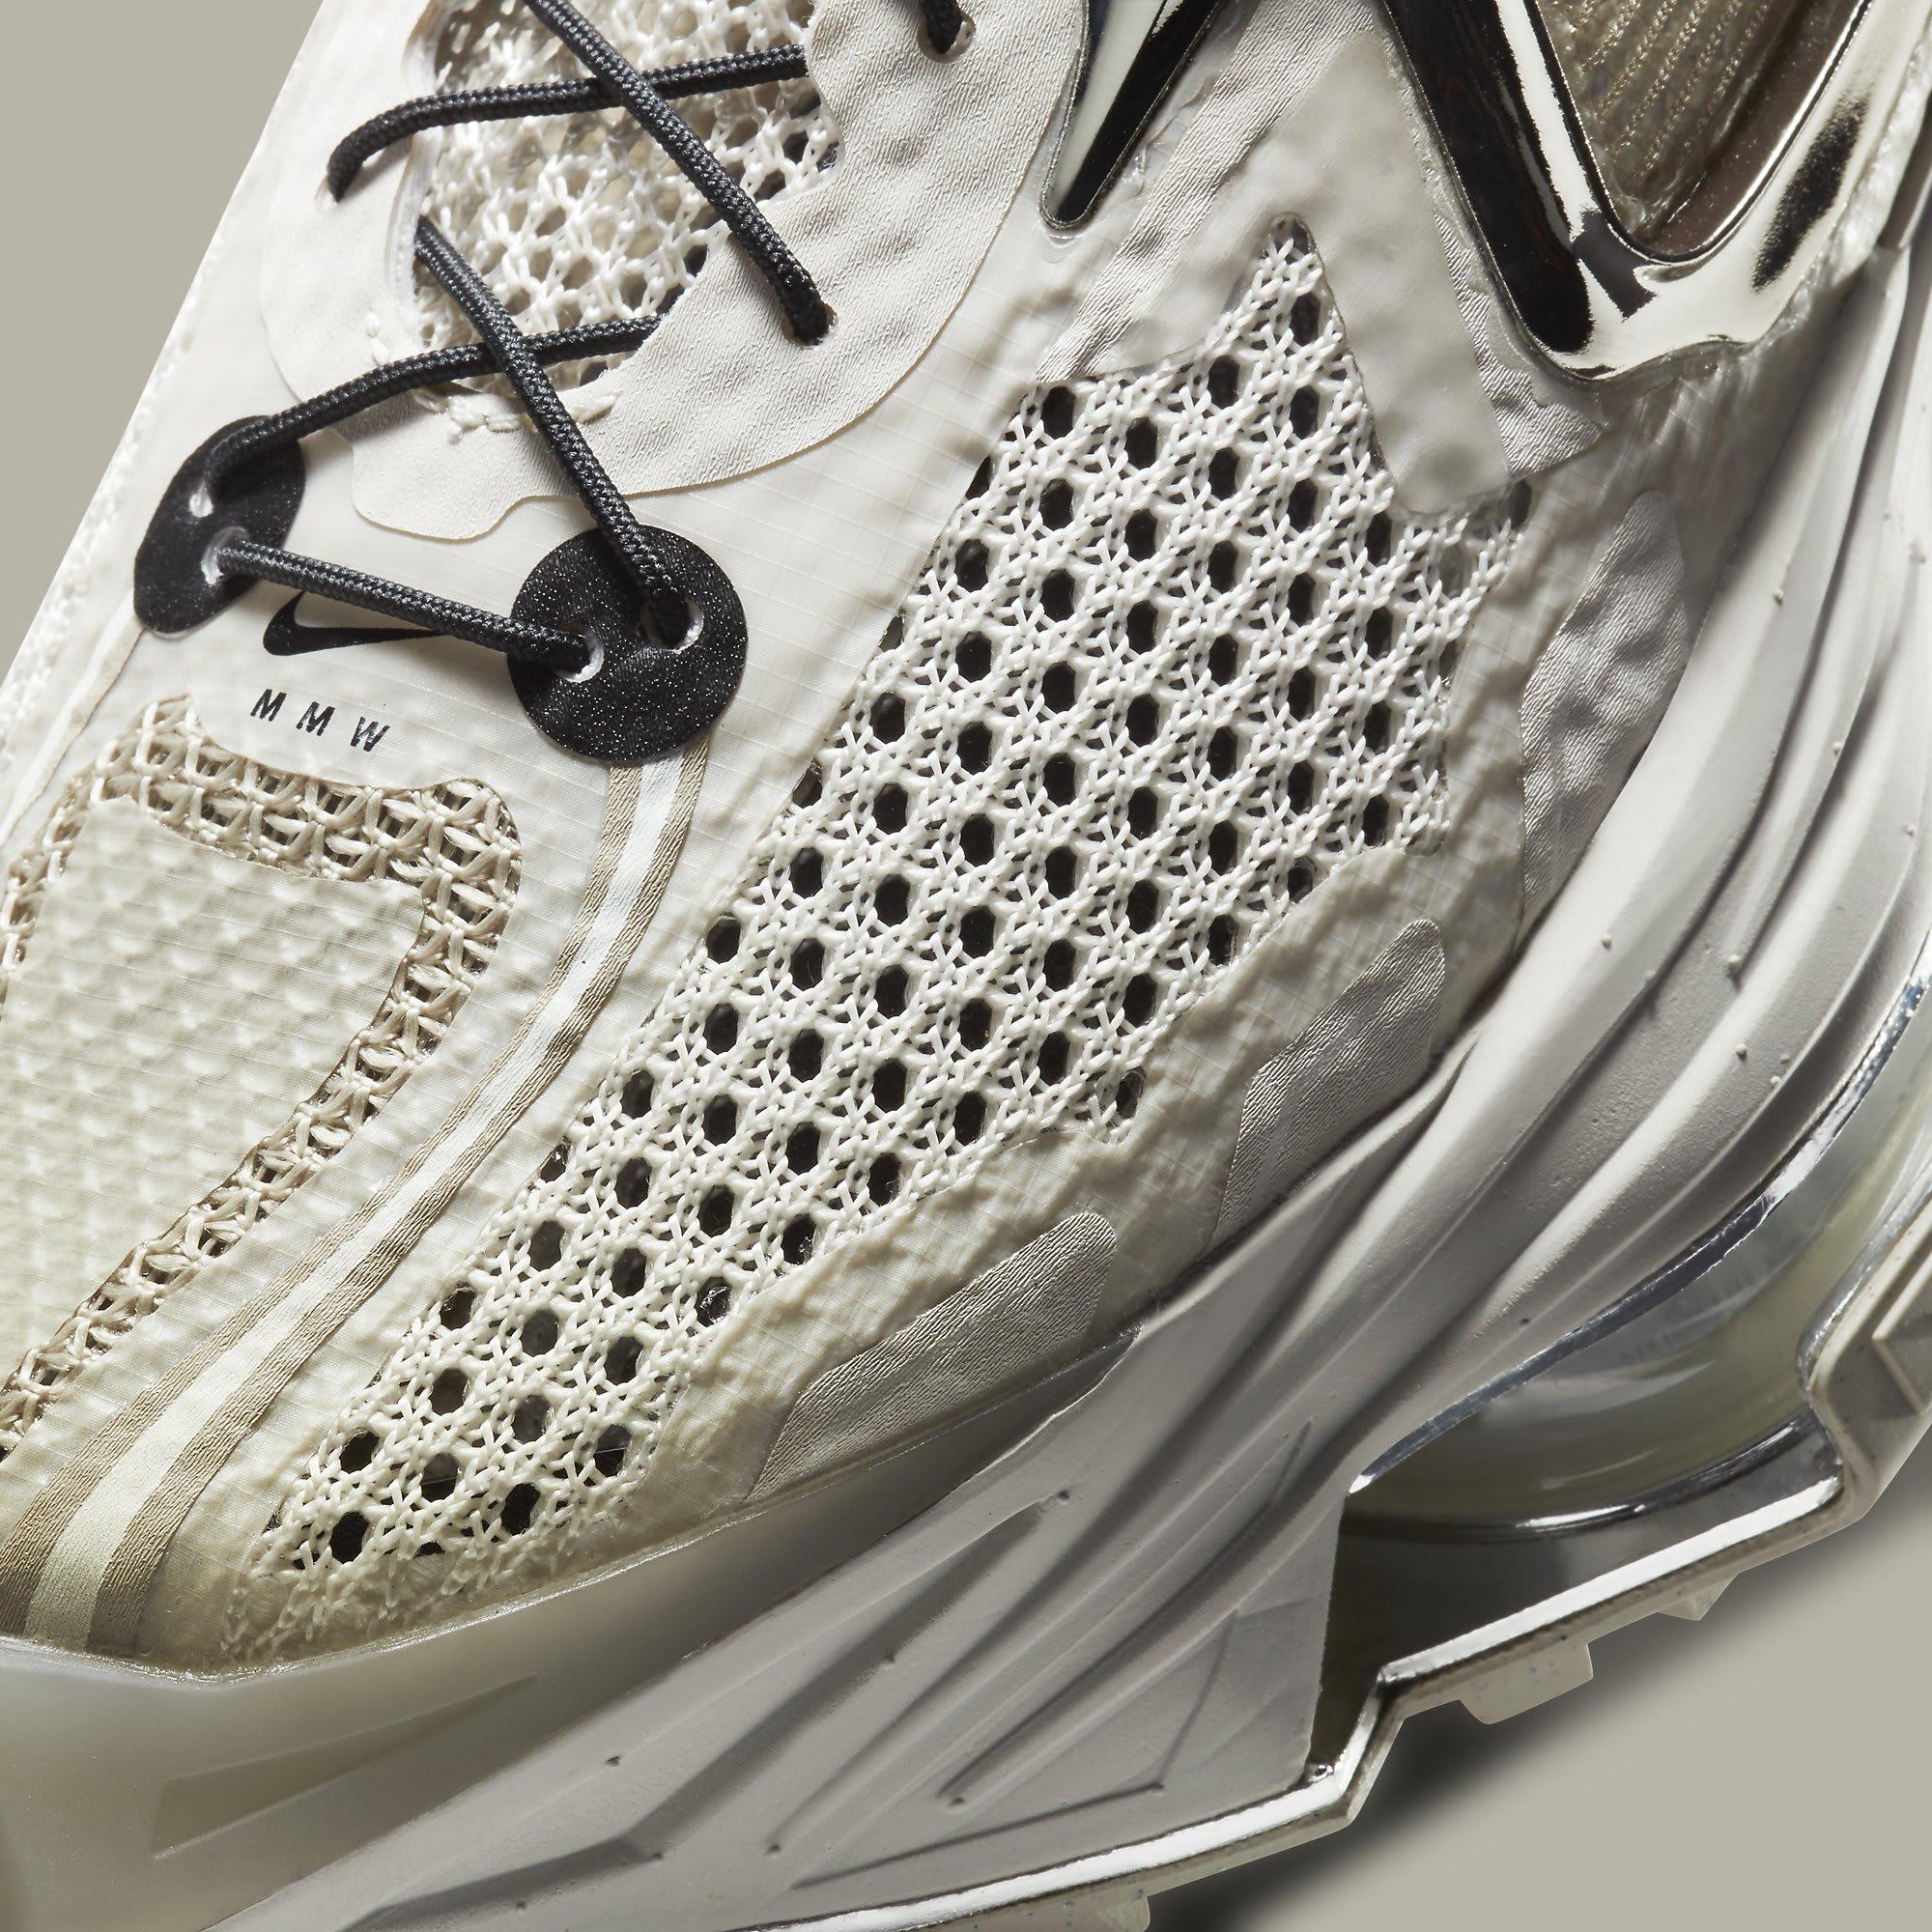 MMW x Nike Zoom 004 'Stone' CU0676-200 Toe